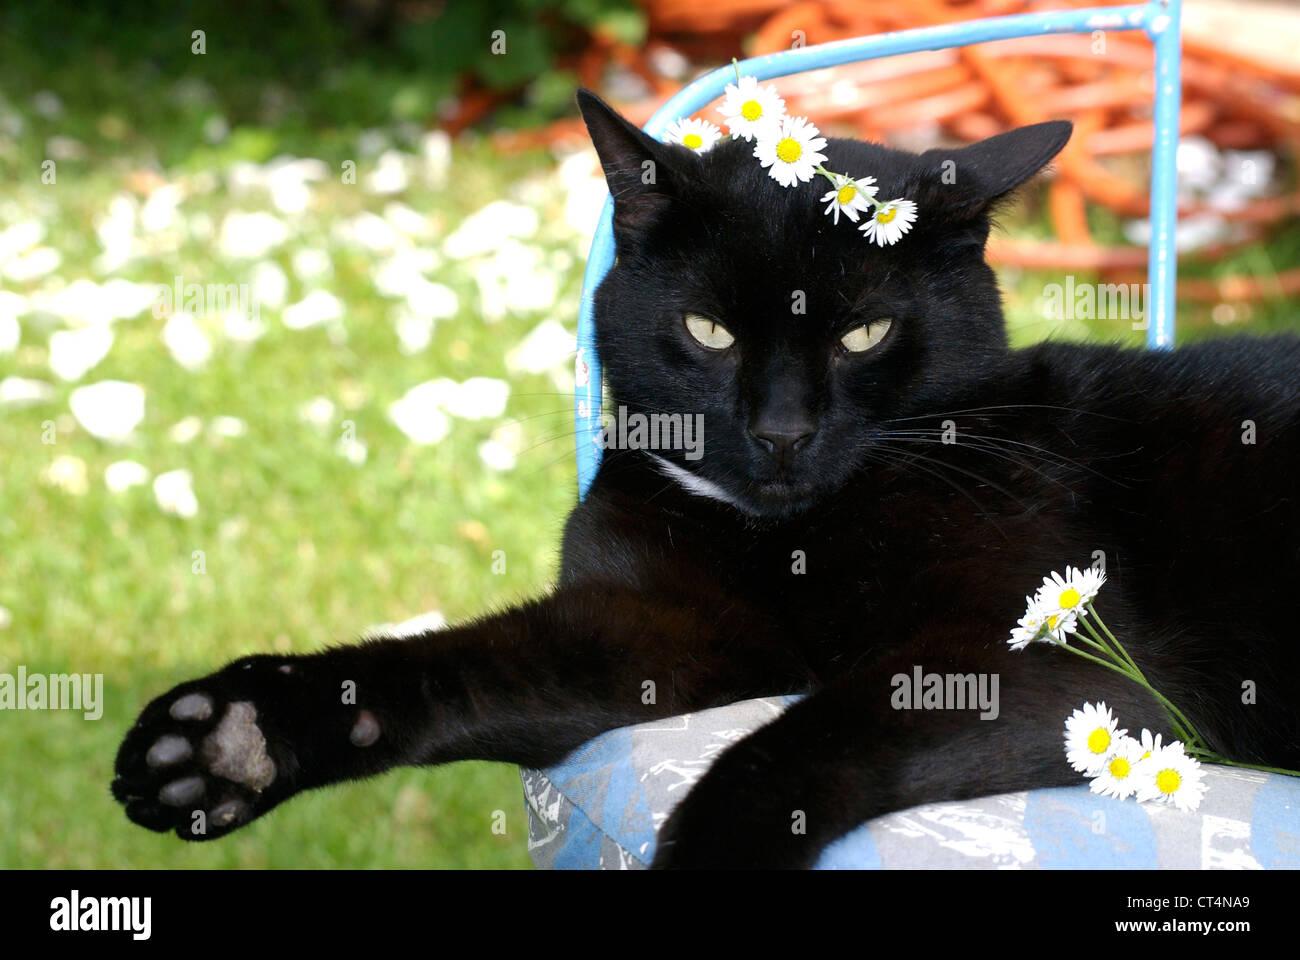 EUROPEAN CAT - Stock Image